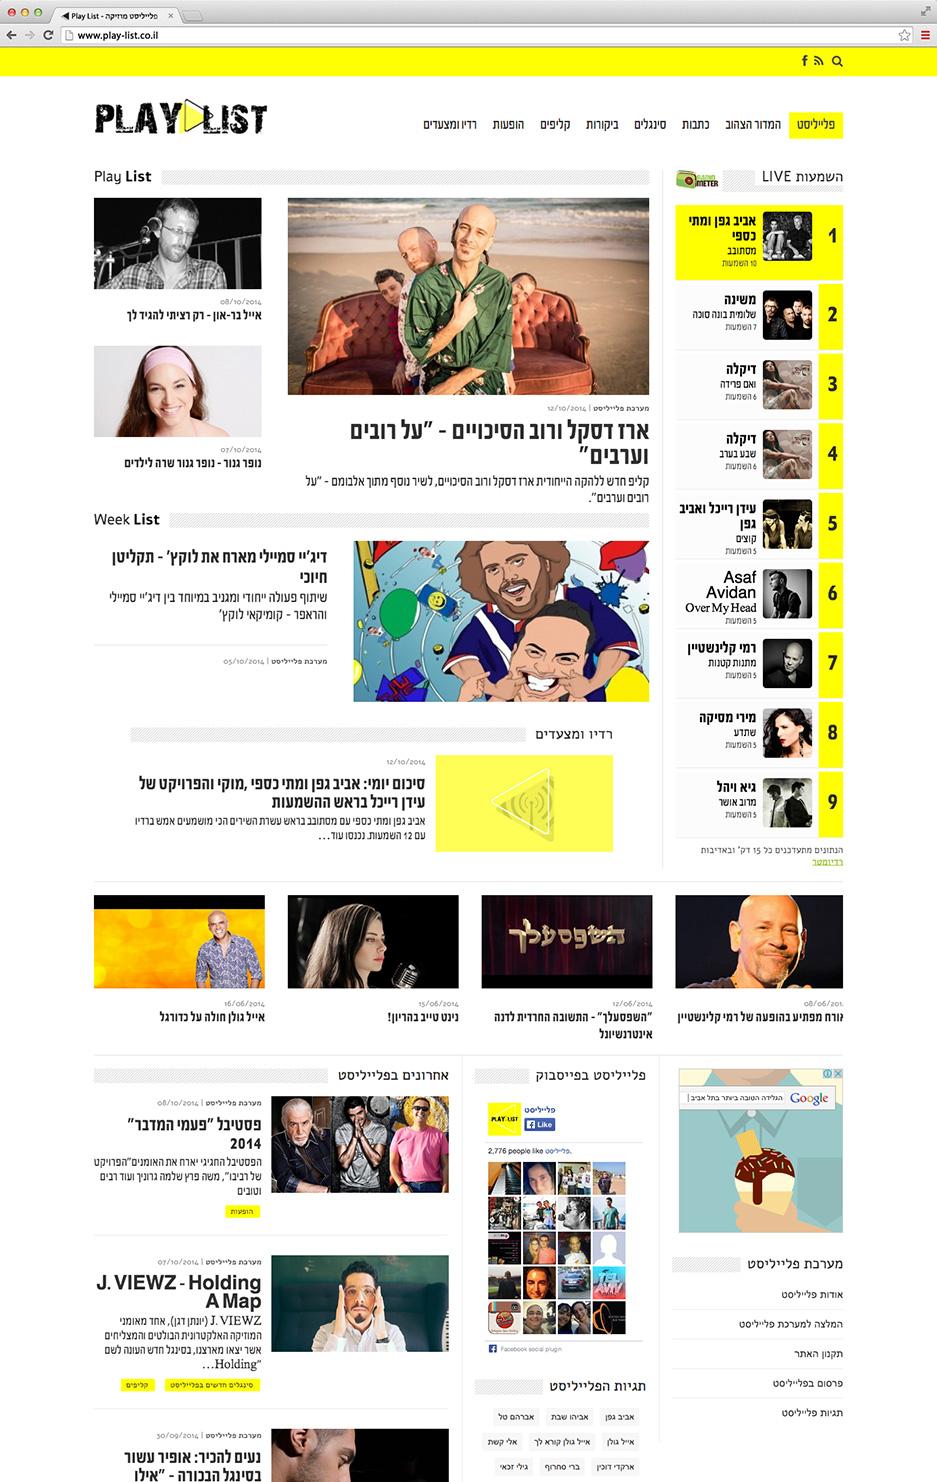 עיצוב ופיתוח אתר אינטרנט רספונסיבי